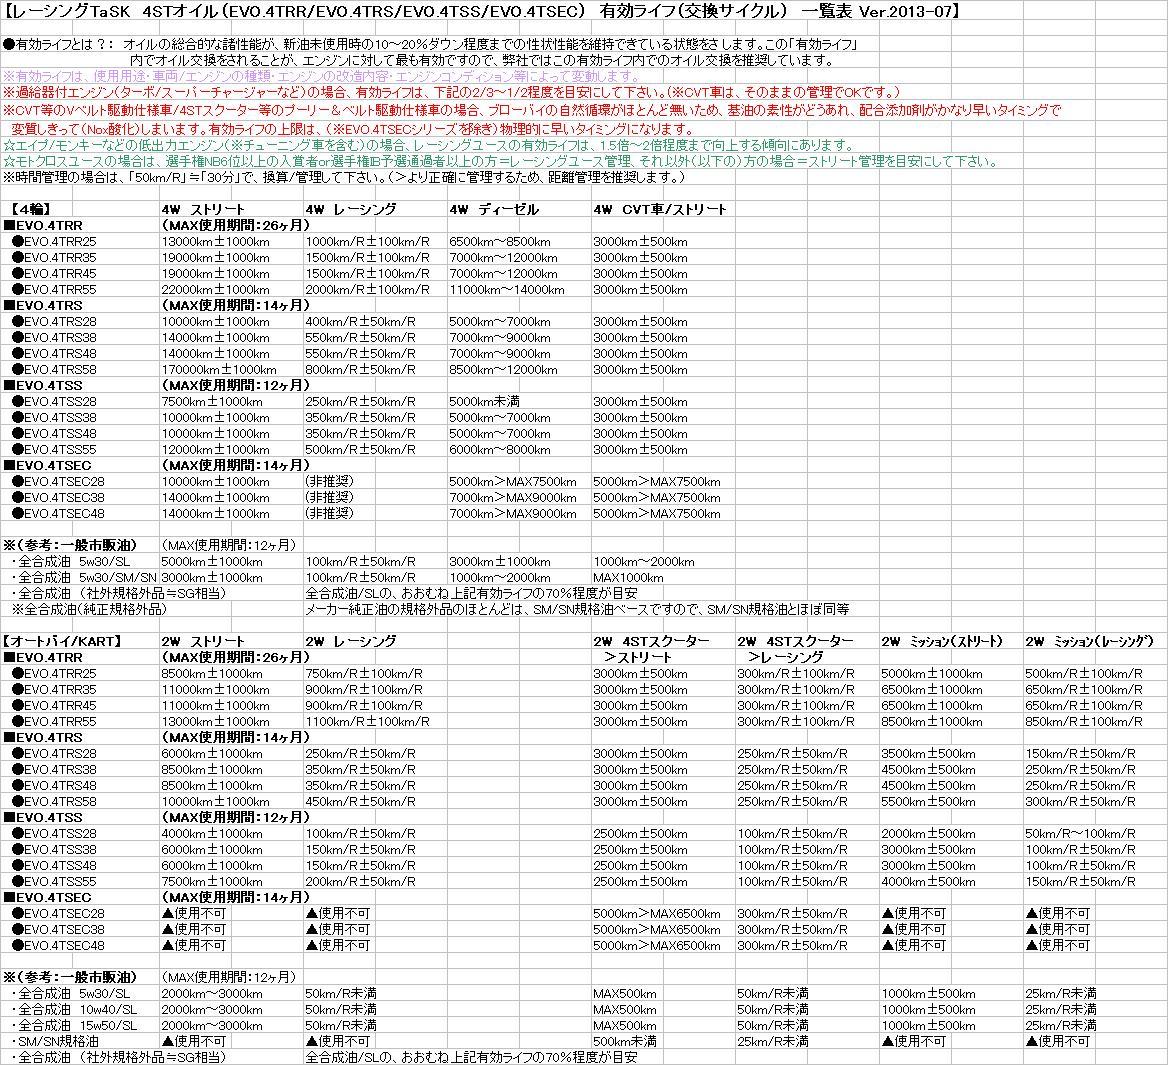 レーシングTaSK 4STオイル 有効ライフ一覧表